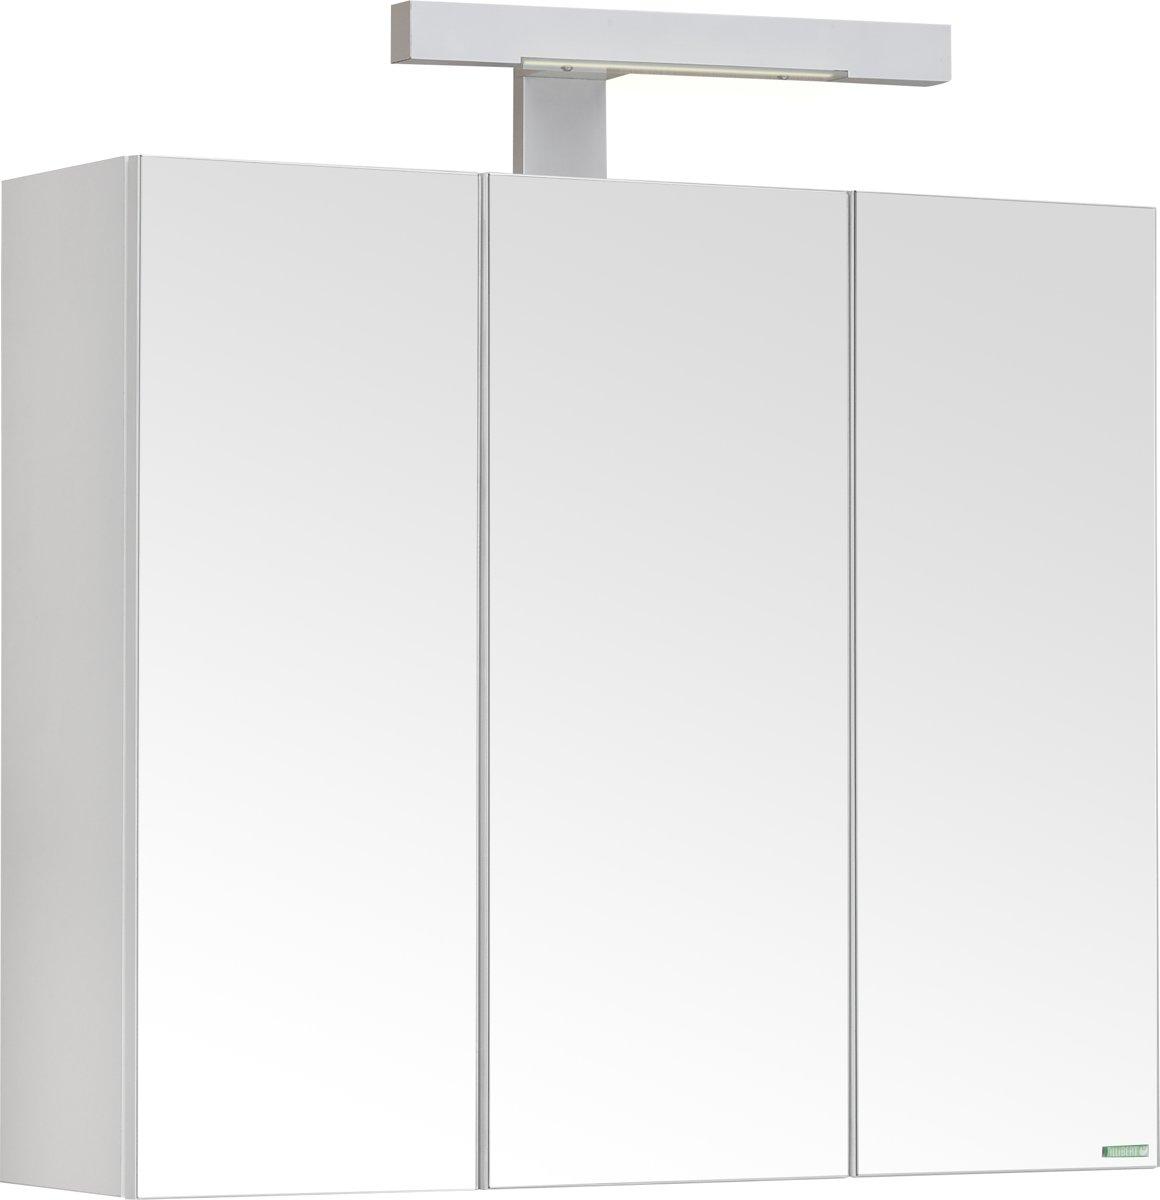 Allibert toiletkast PIAN'O - 3 spiegeldeuren - gemelamineerd hout - wit - 1 VDE (conform NED) stopcontact - 1 verlichtingsschakelaar - 60 cm breed kopen